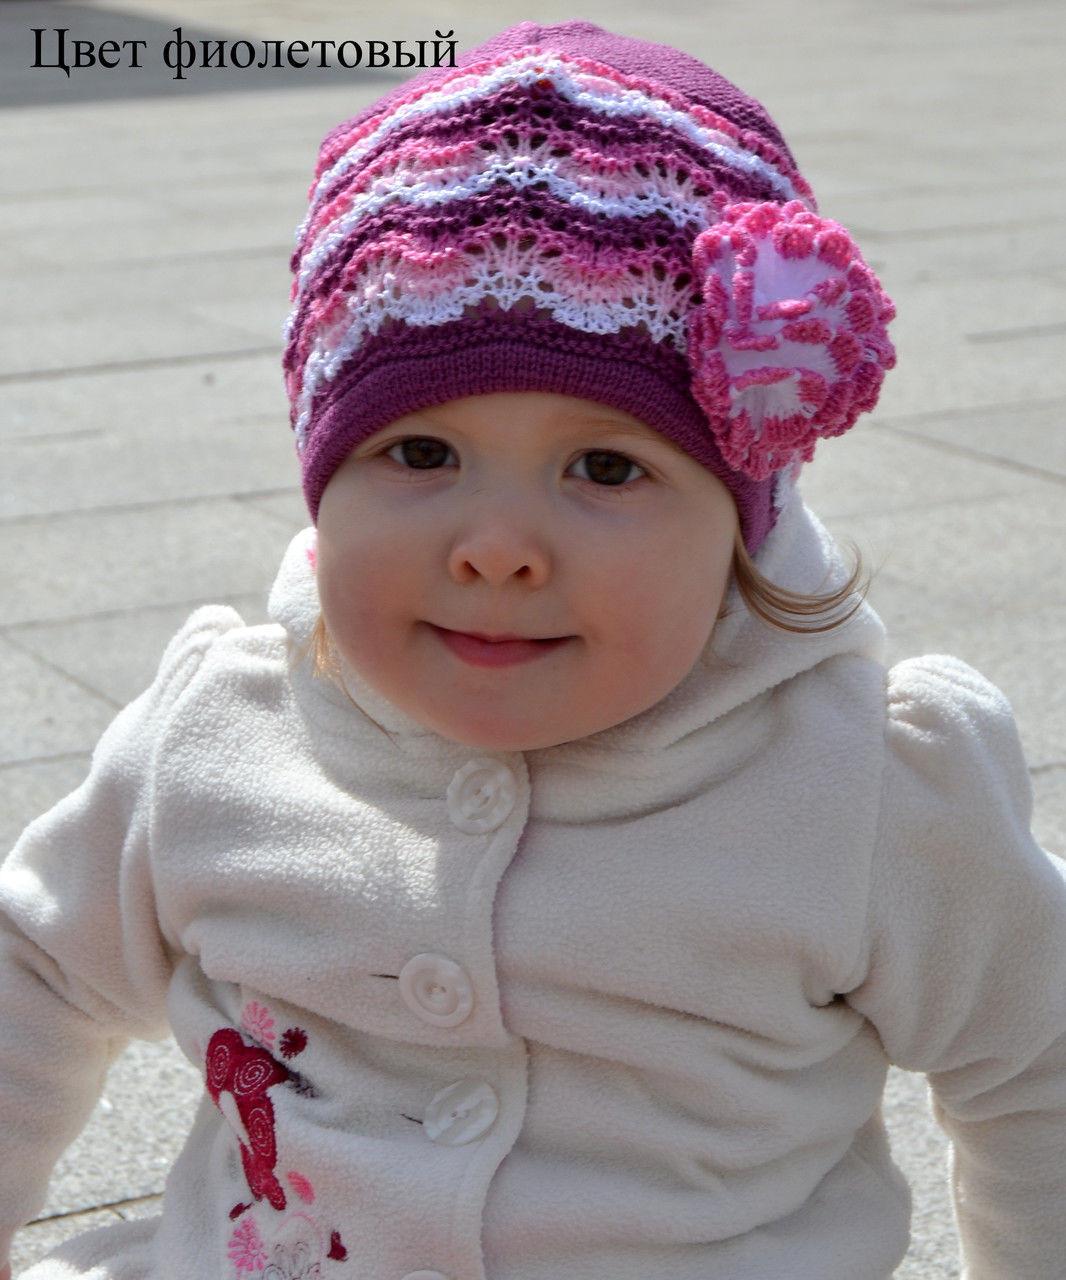 Модная ажурная шапка для девочки